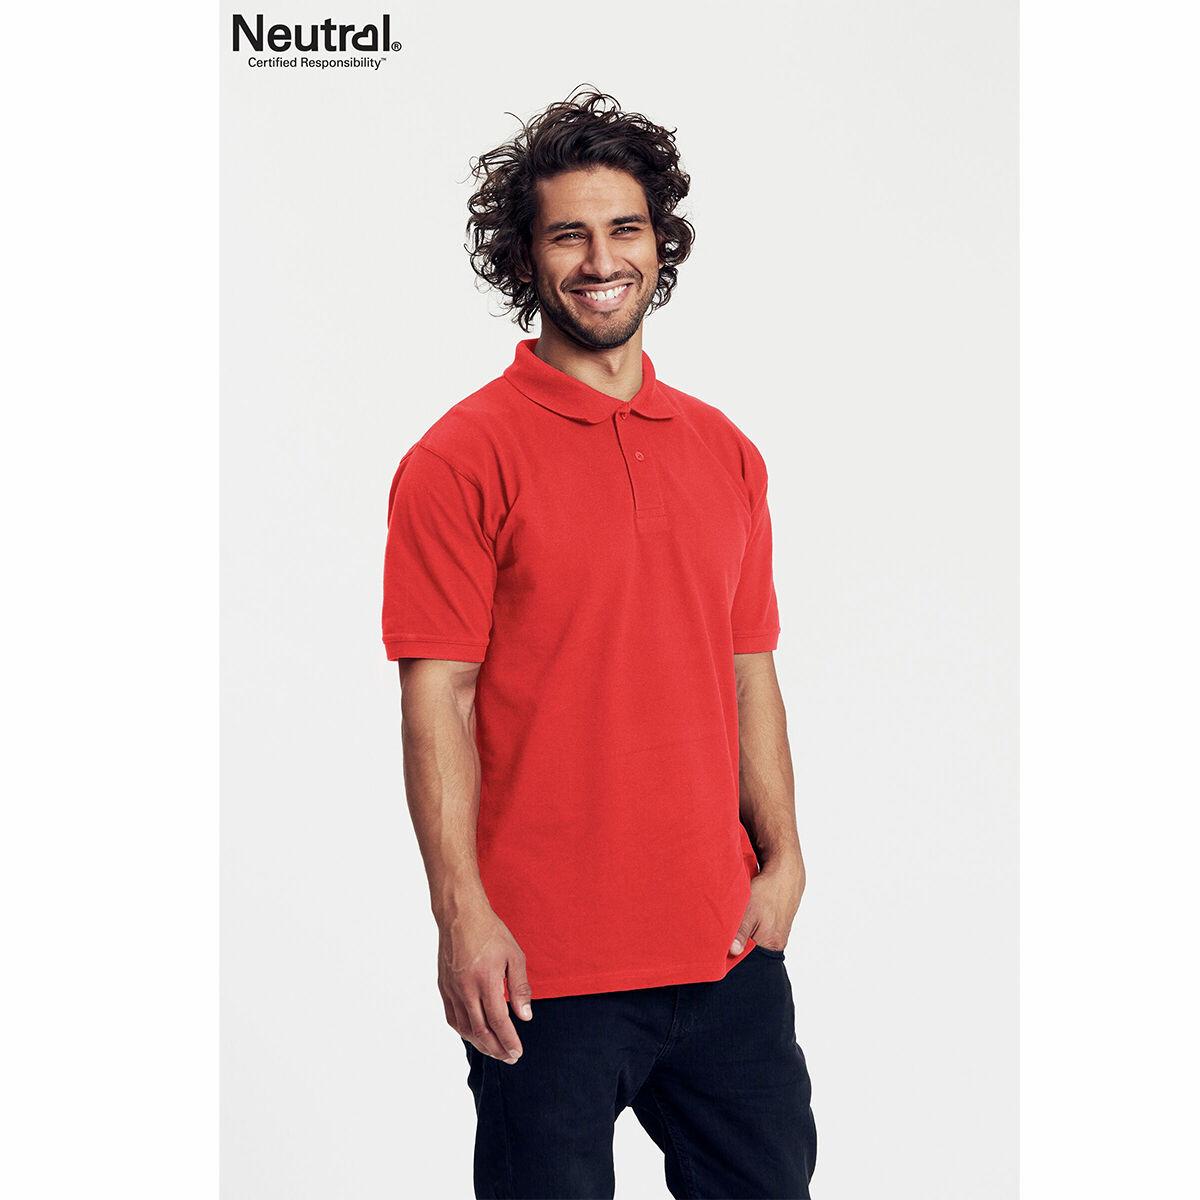 Neutral Organic Fair Trade Polo Shirt Red